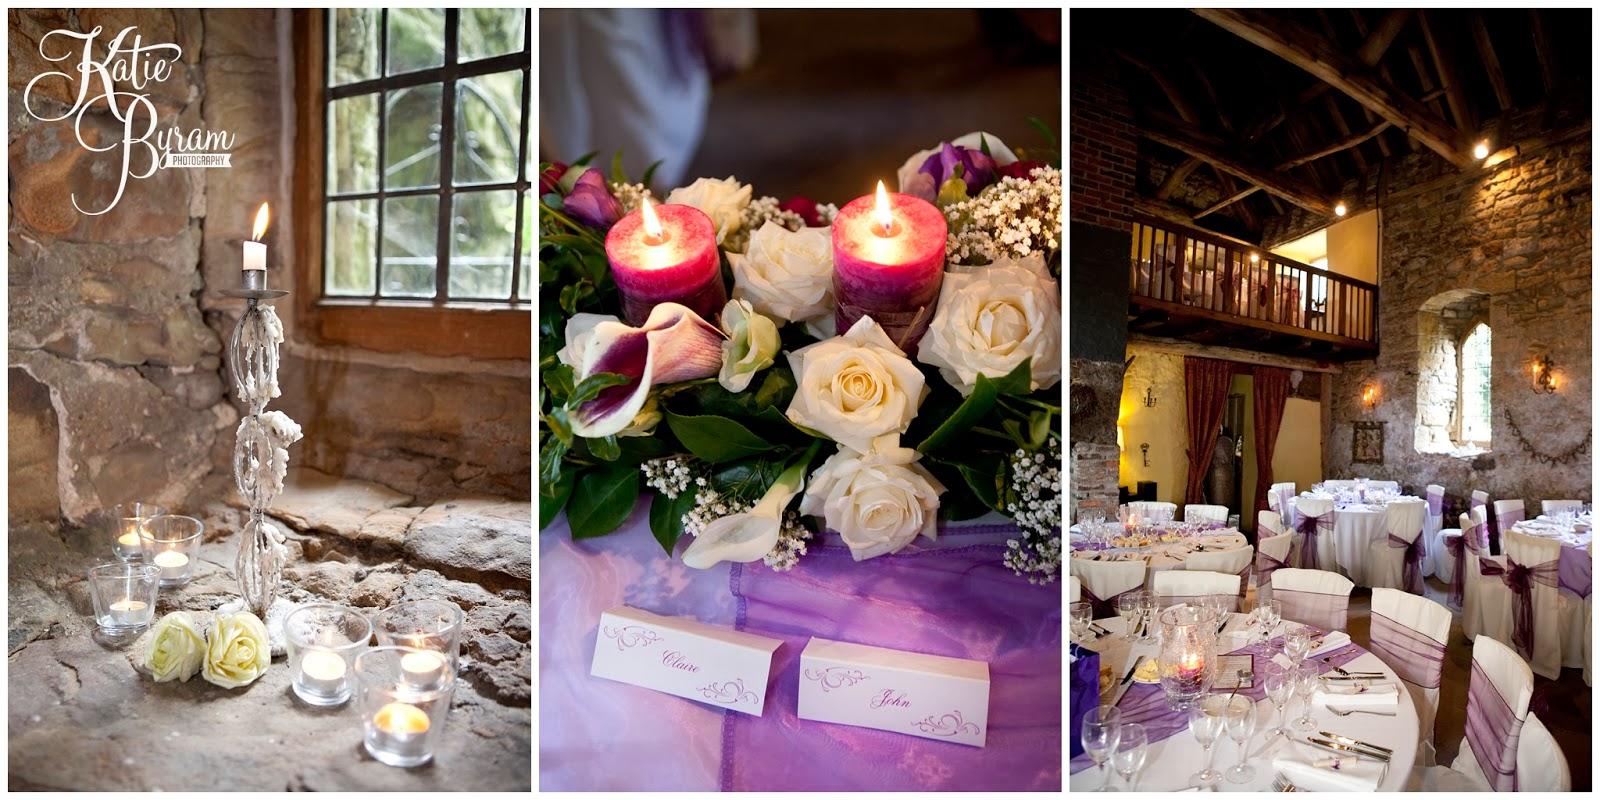 Crook hall gardens wedding venues